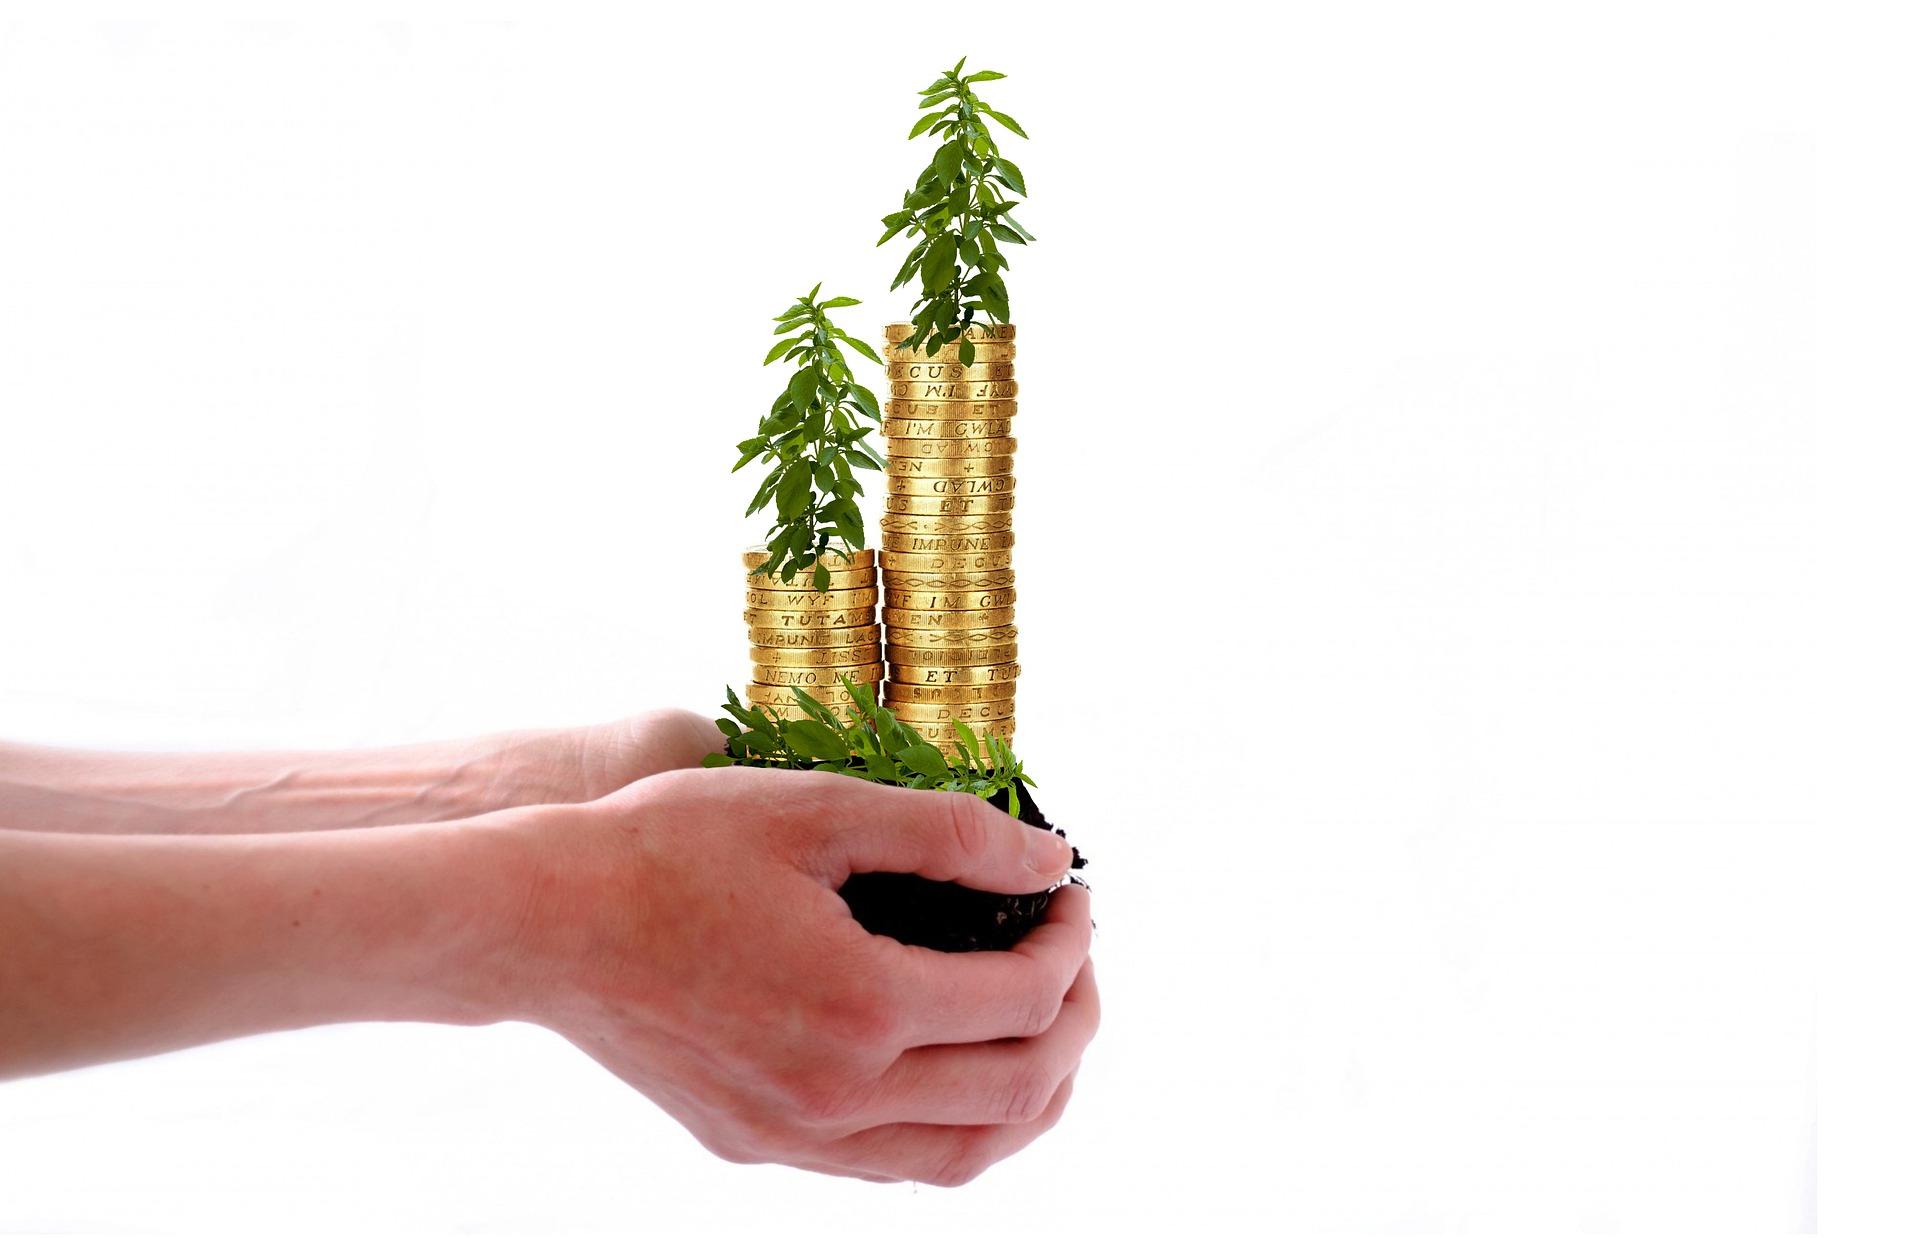 Unas manos sujetan una planta a la que le crece dinero